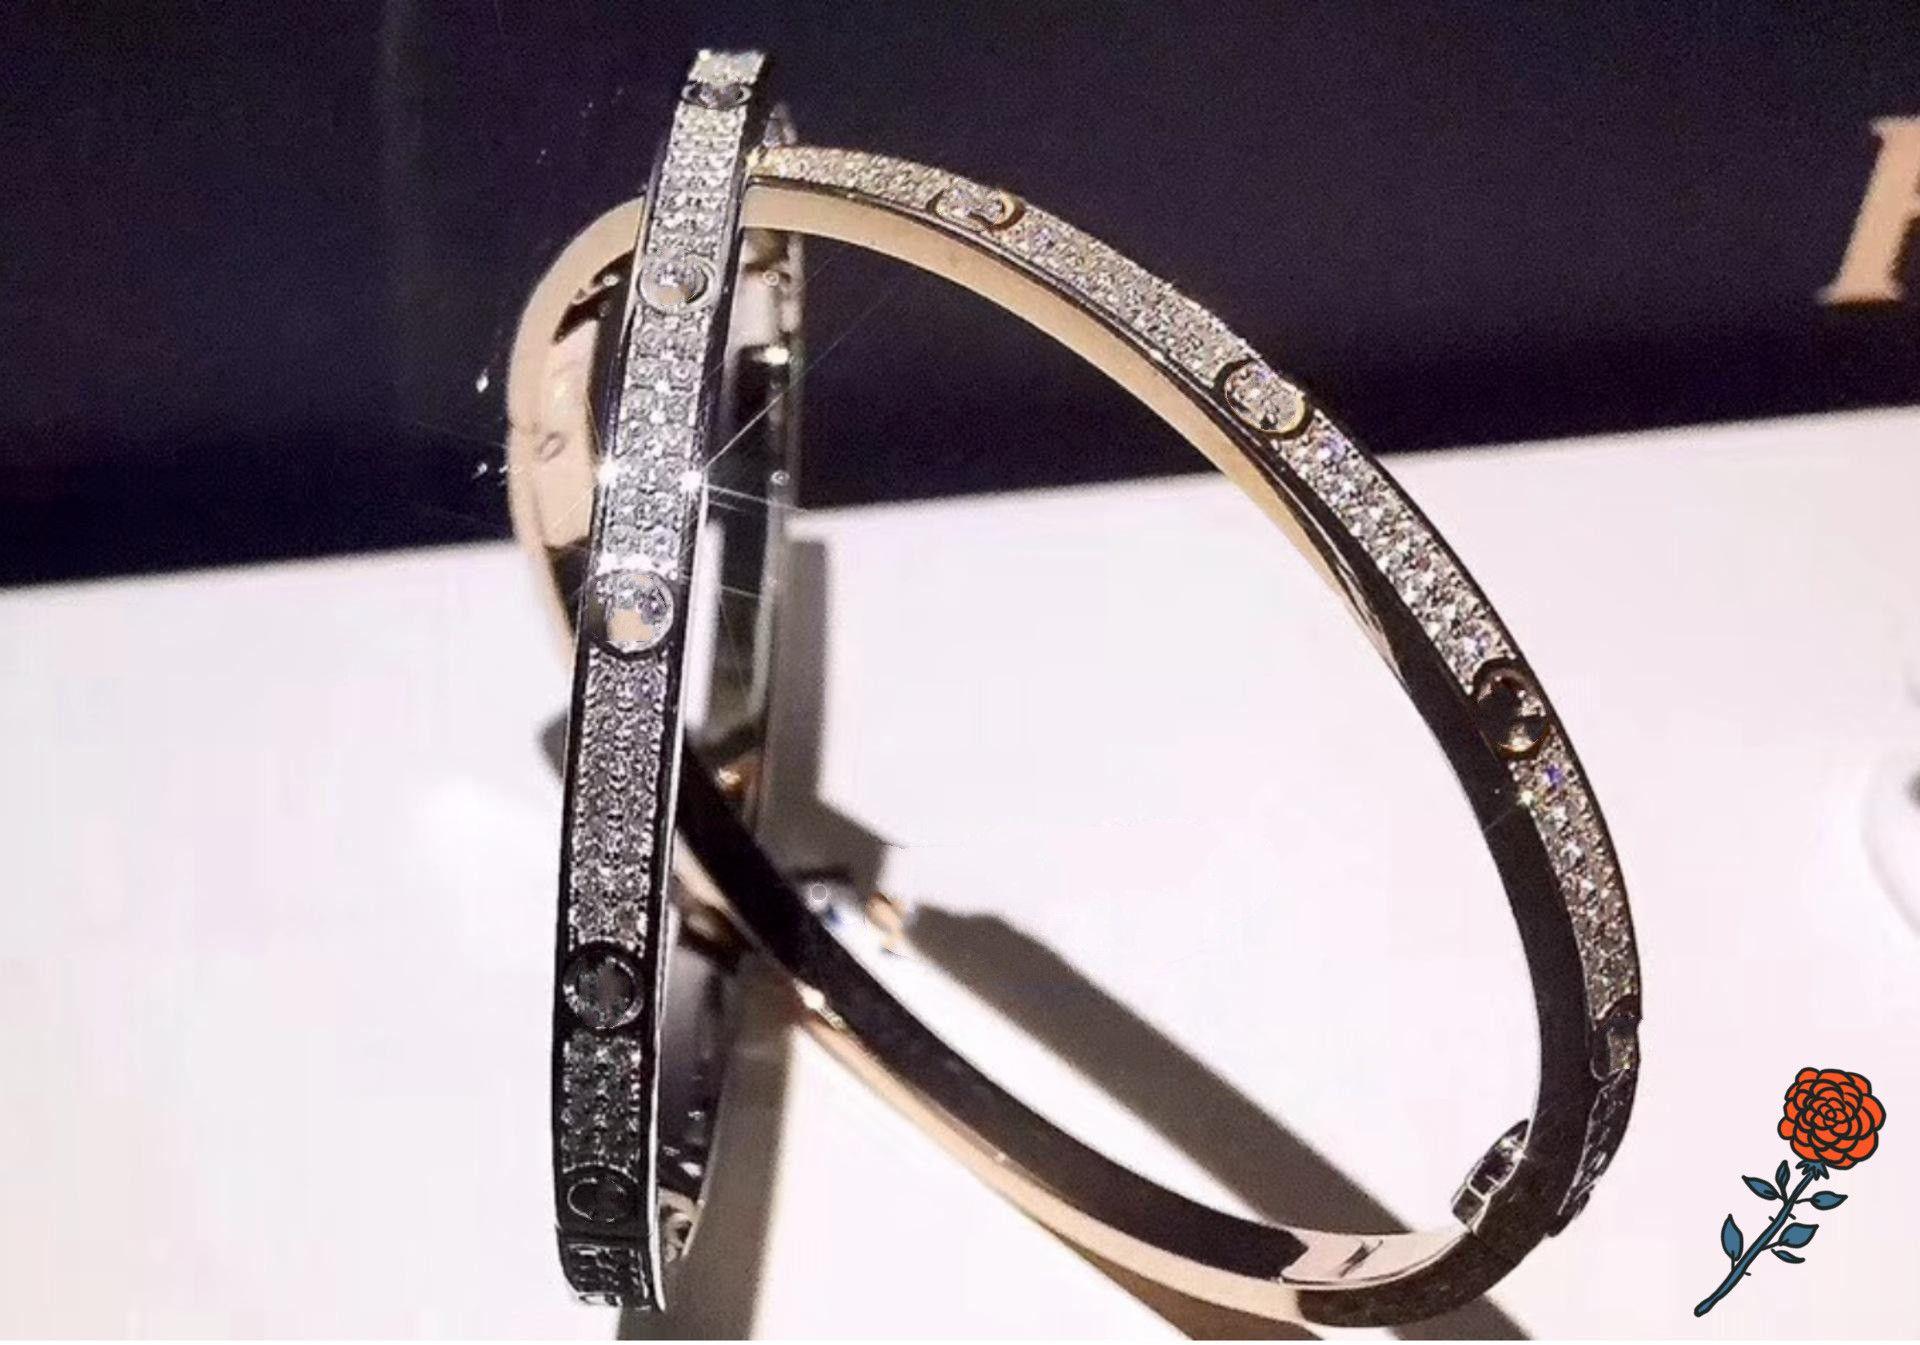 Année de luxe en acier inoxydable gypsophila bracelier étroit breloque charme blanc or rose double diamant double rangée diamants